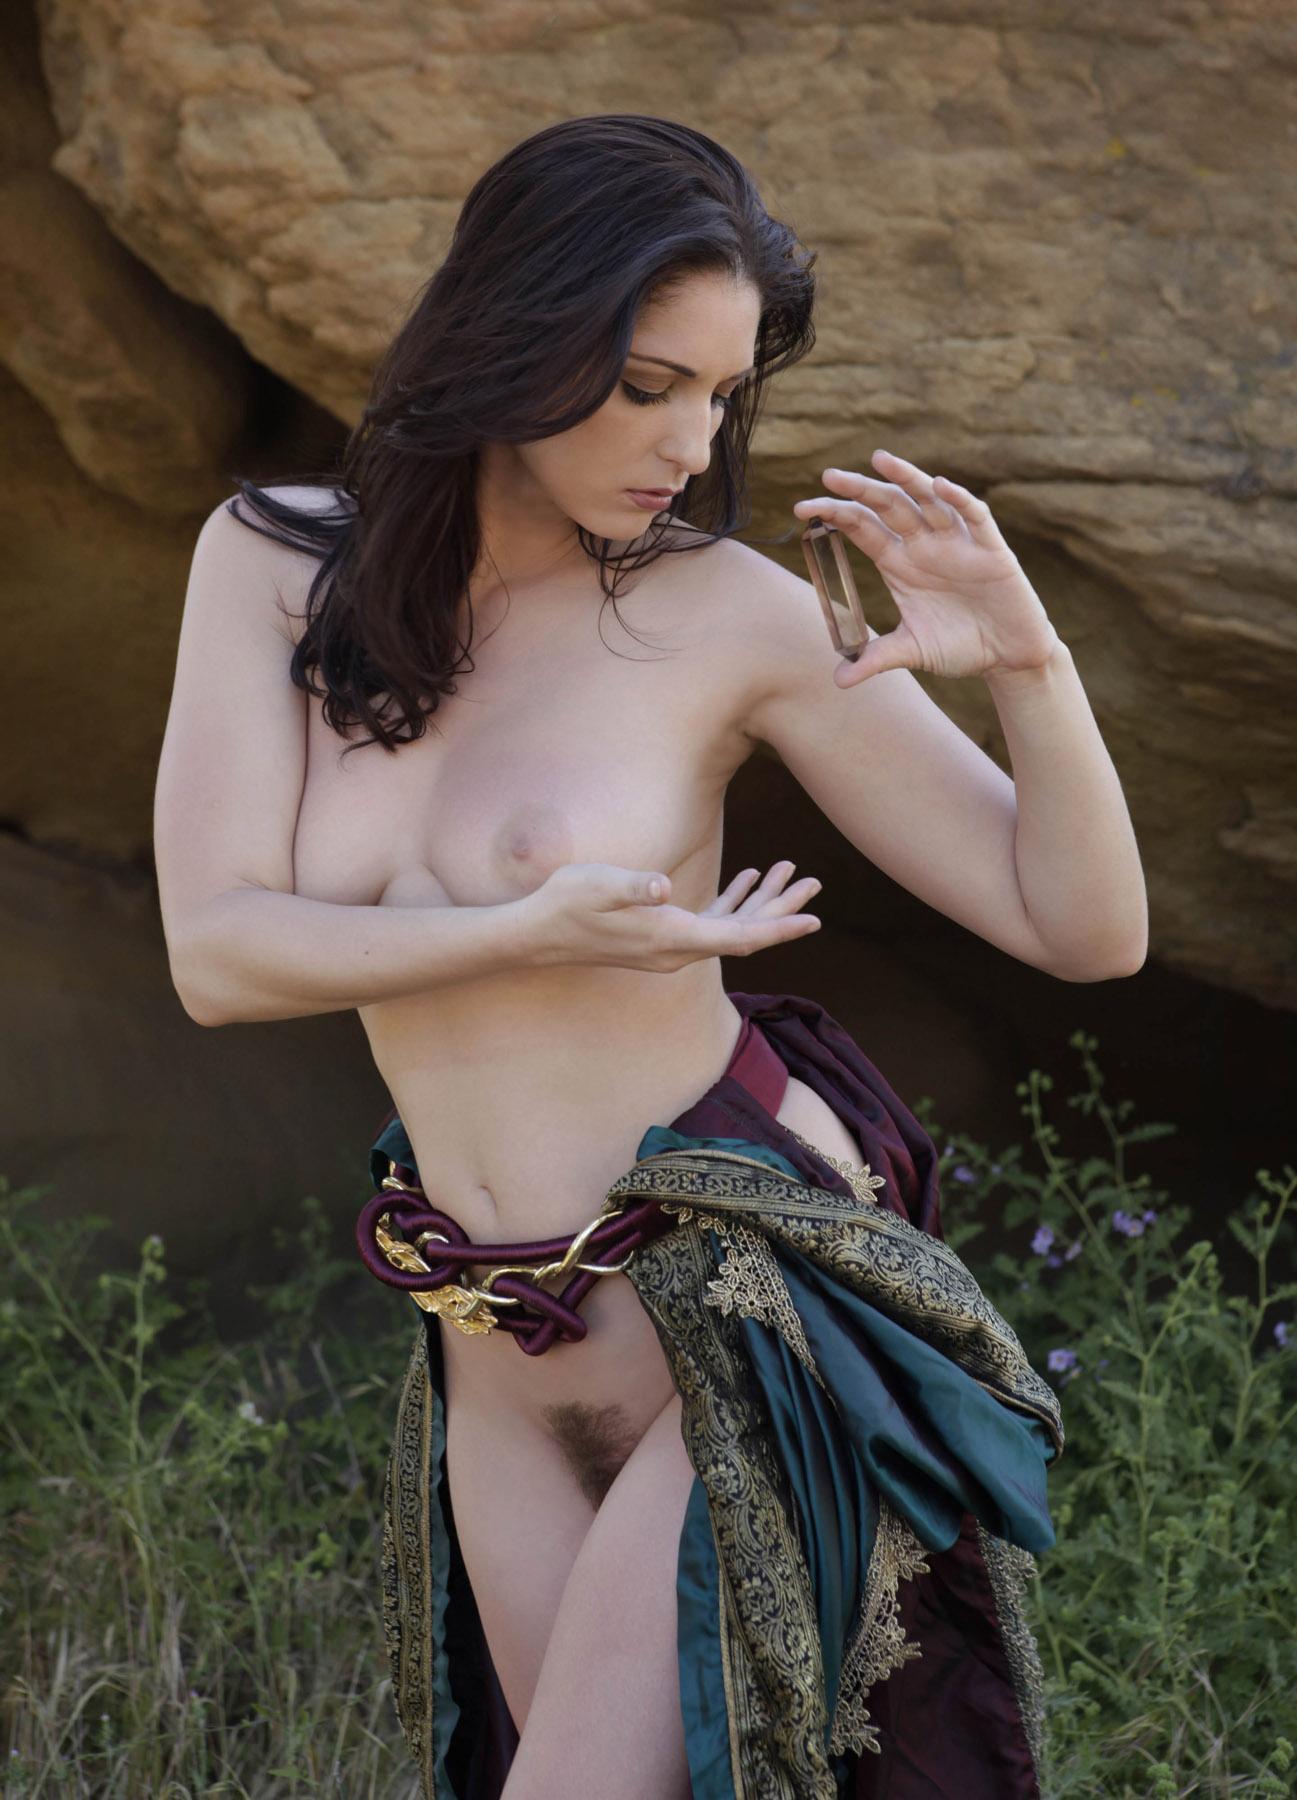 эротика в средневековом стиле фото человек